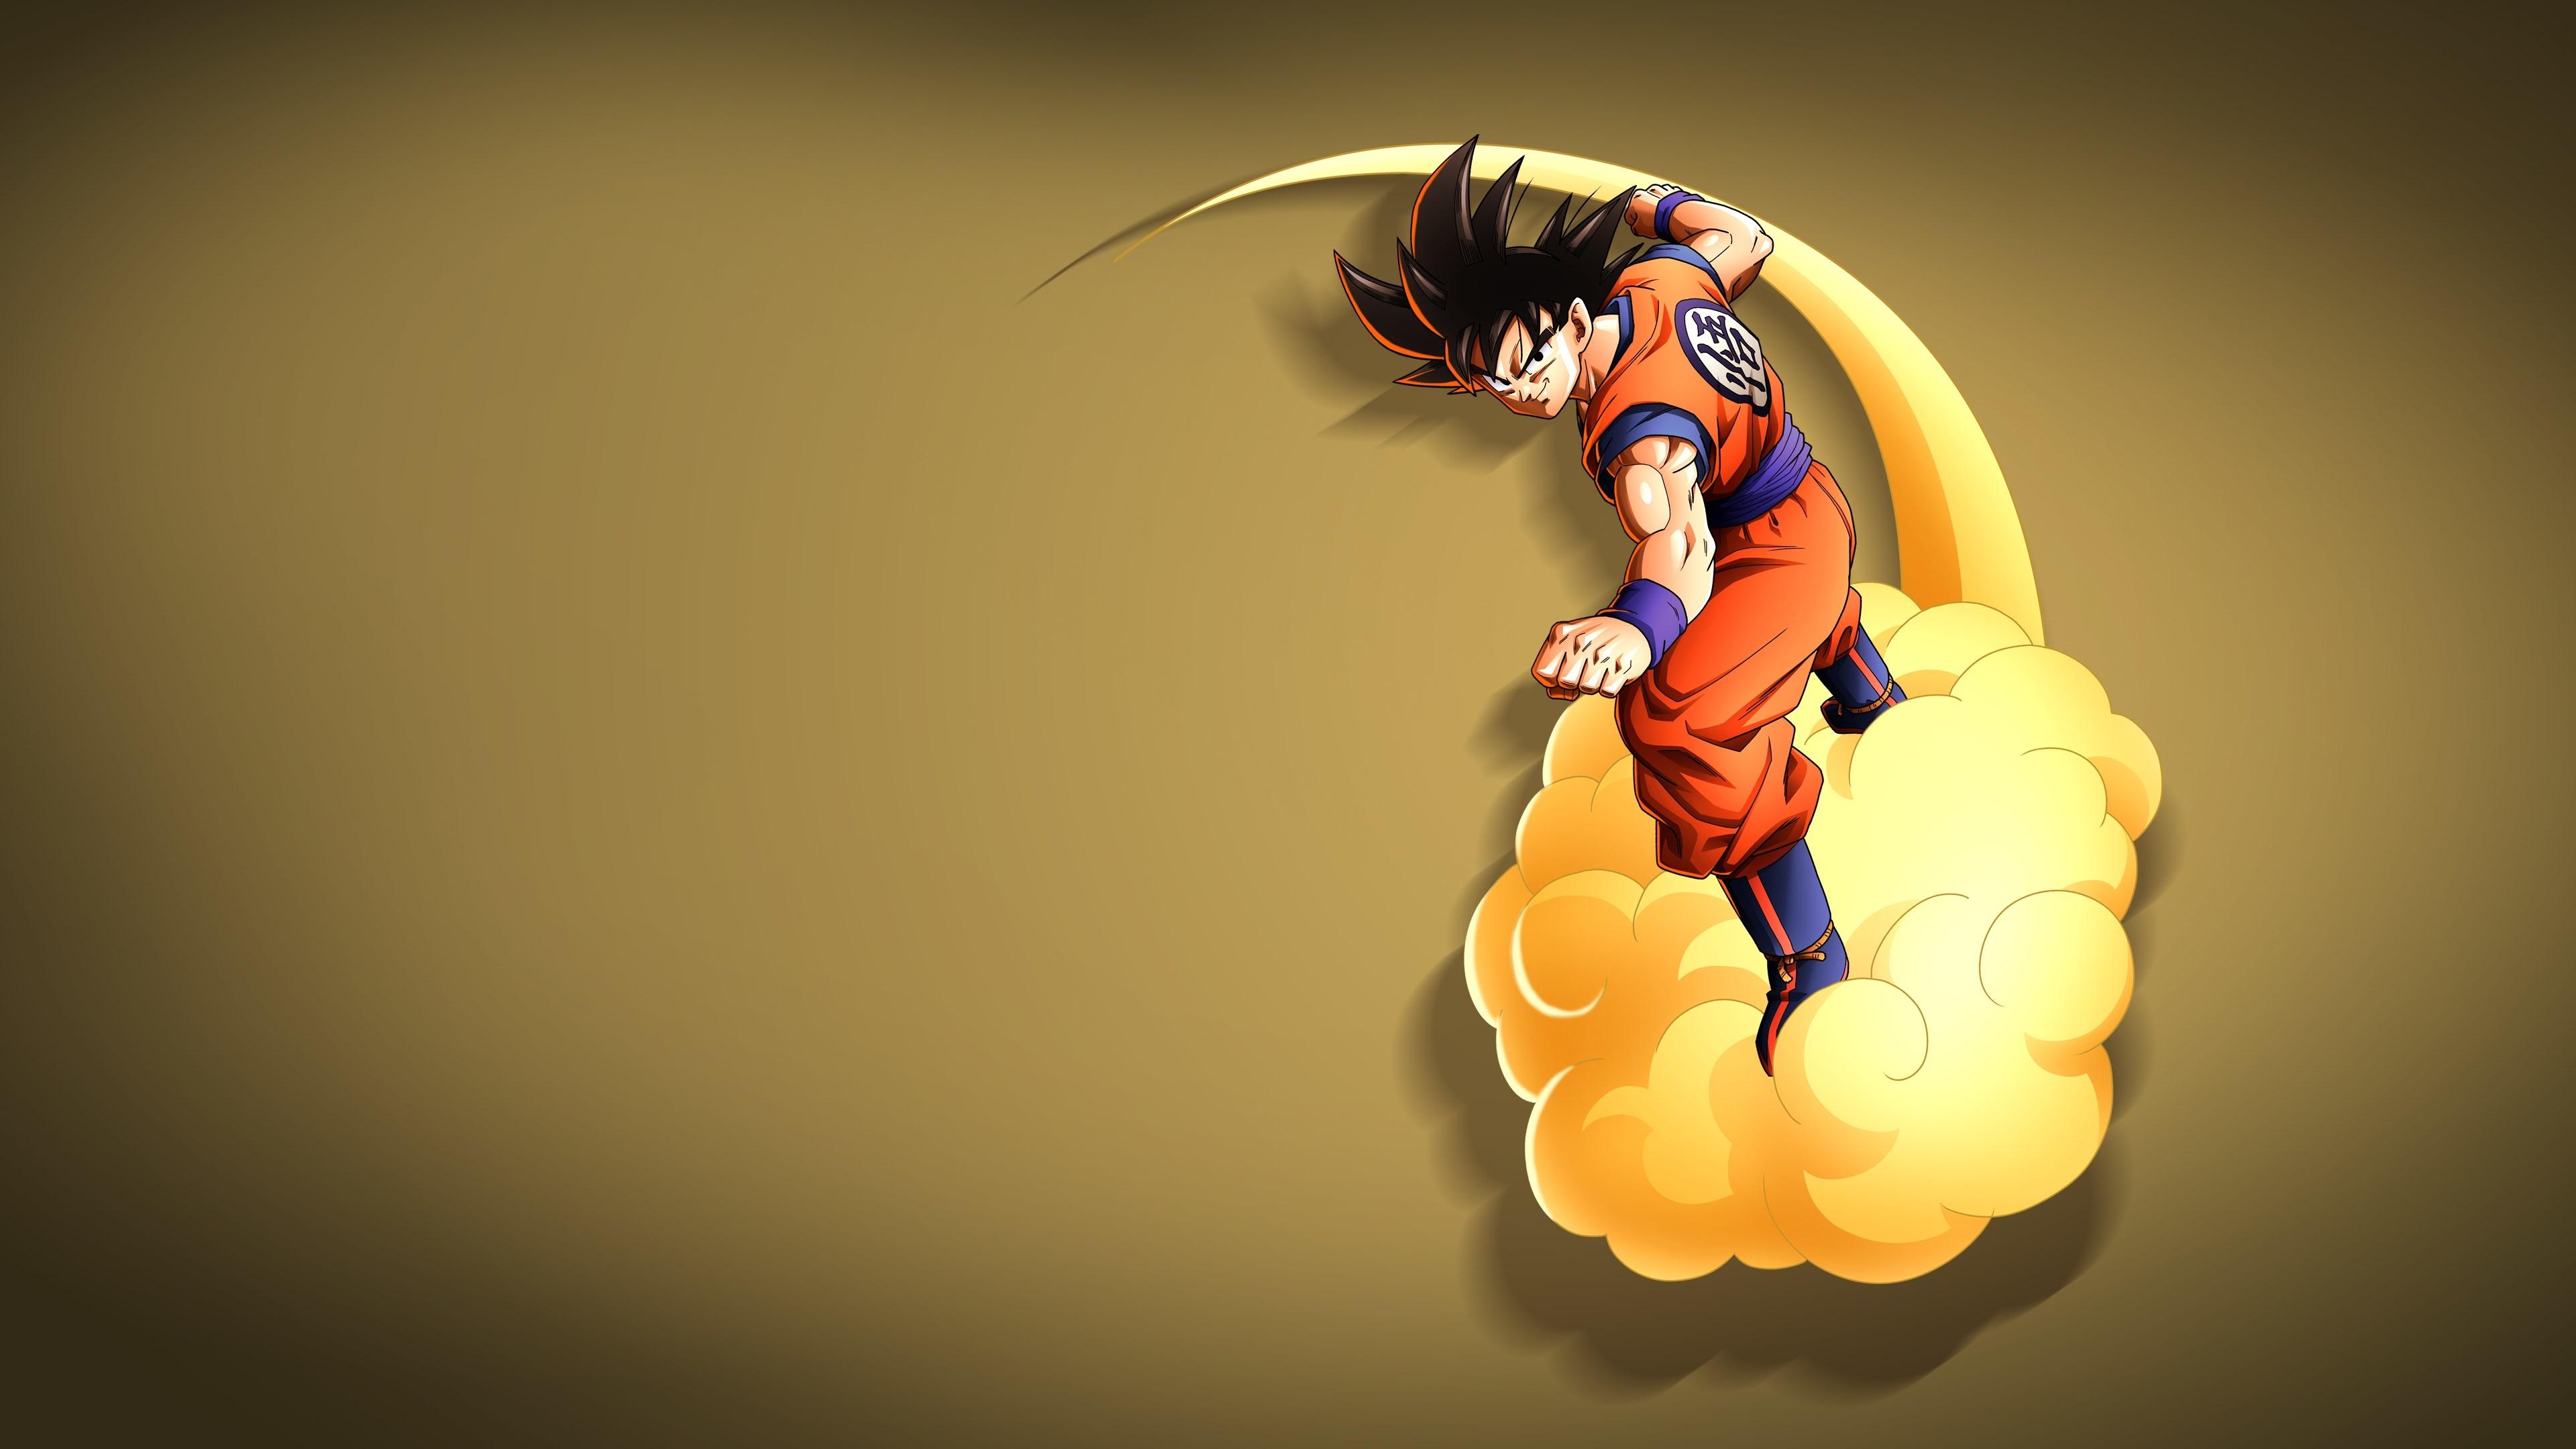 Hình nền Dragon Ball cưỡi cân đẩu vân